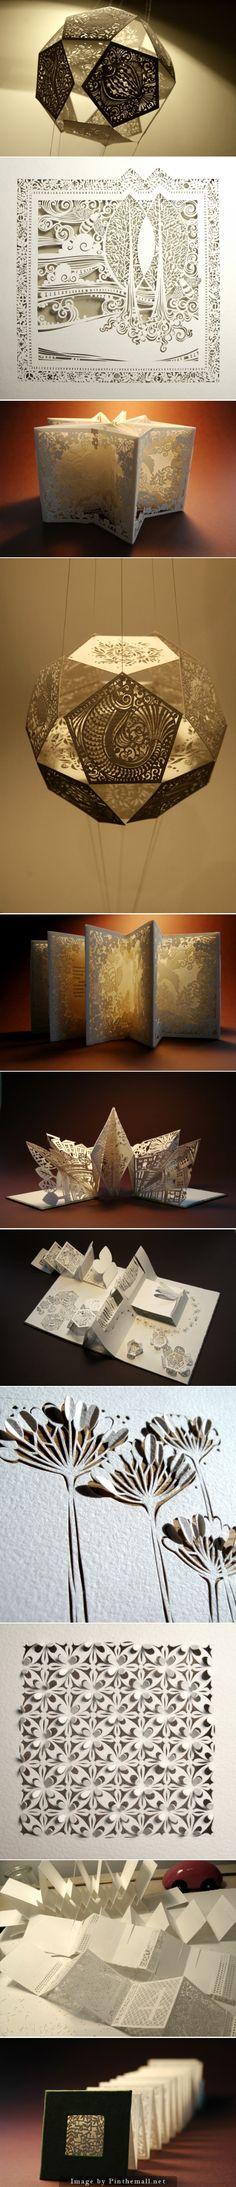 Diseños en papel calado, por Sara Burgess http://www.choosa.net/es/community/article/Disenos_en_papel_calado_por_Sara_Burgess - created via http://pinthemall.net